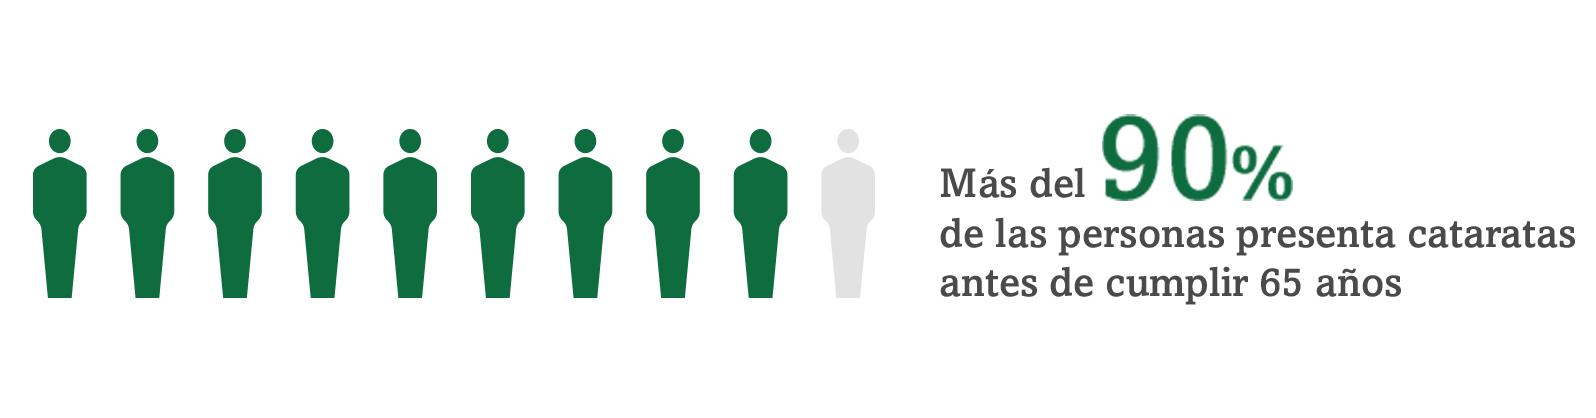 Imagen que muestra a 9 personas destacadas en verde de entre 10 para ilustrar que el 90 % de las personas habrá padecido cataratas al llegar a la edad de 65 años.